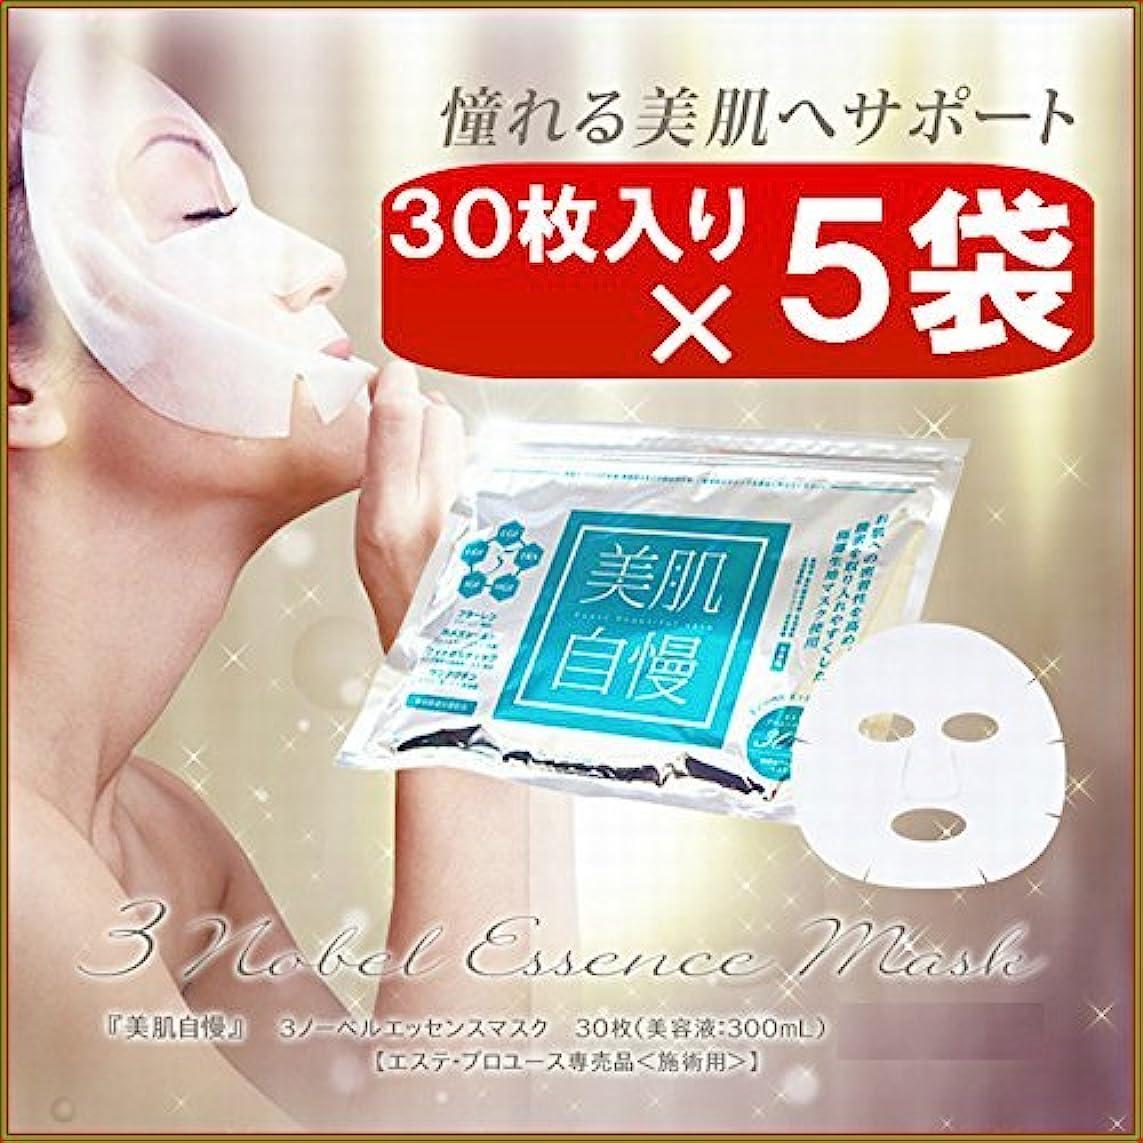 スライスジャズ苦い美肌自慢フェイスマスク 30枚入り ×超お得5袋セット 《エッセンスマスク、EGF、IGF、ヒアルロン酸、プラセンタ、アルブチン、カタツムリエキス、しみ、しわ》